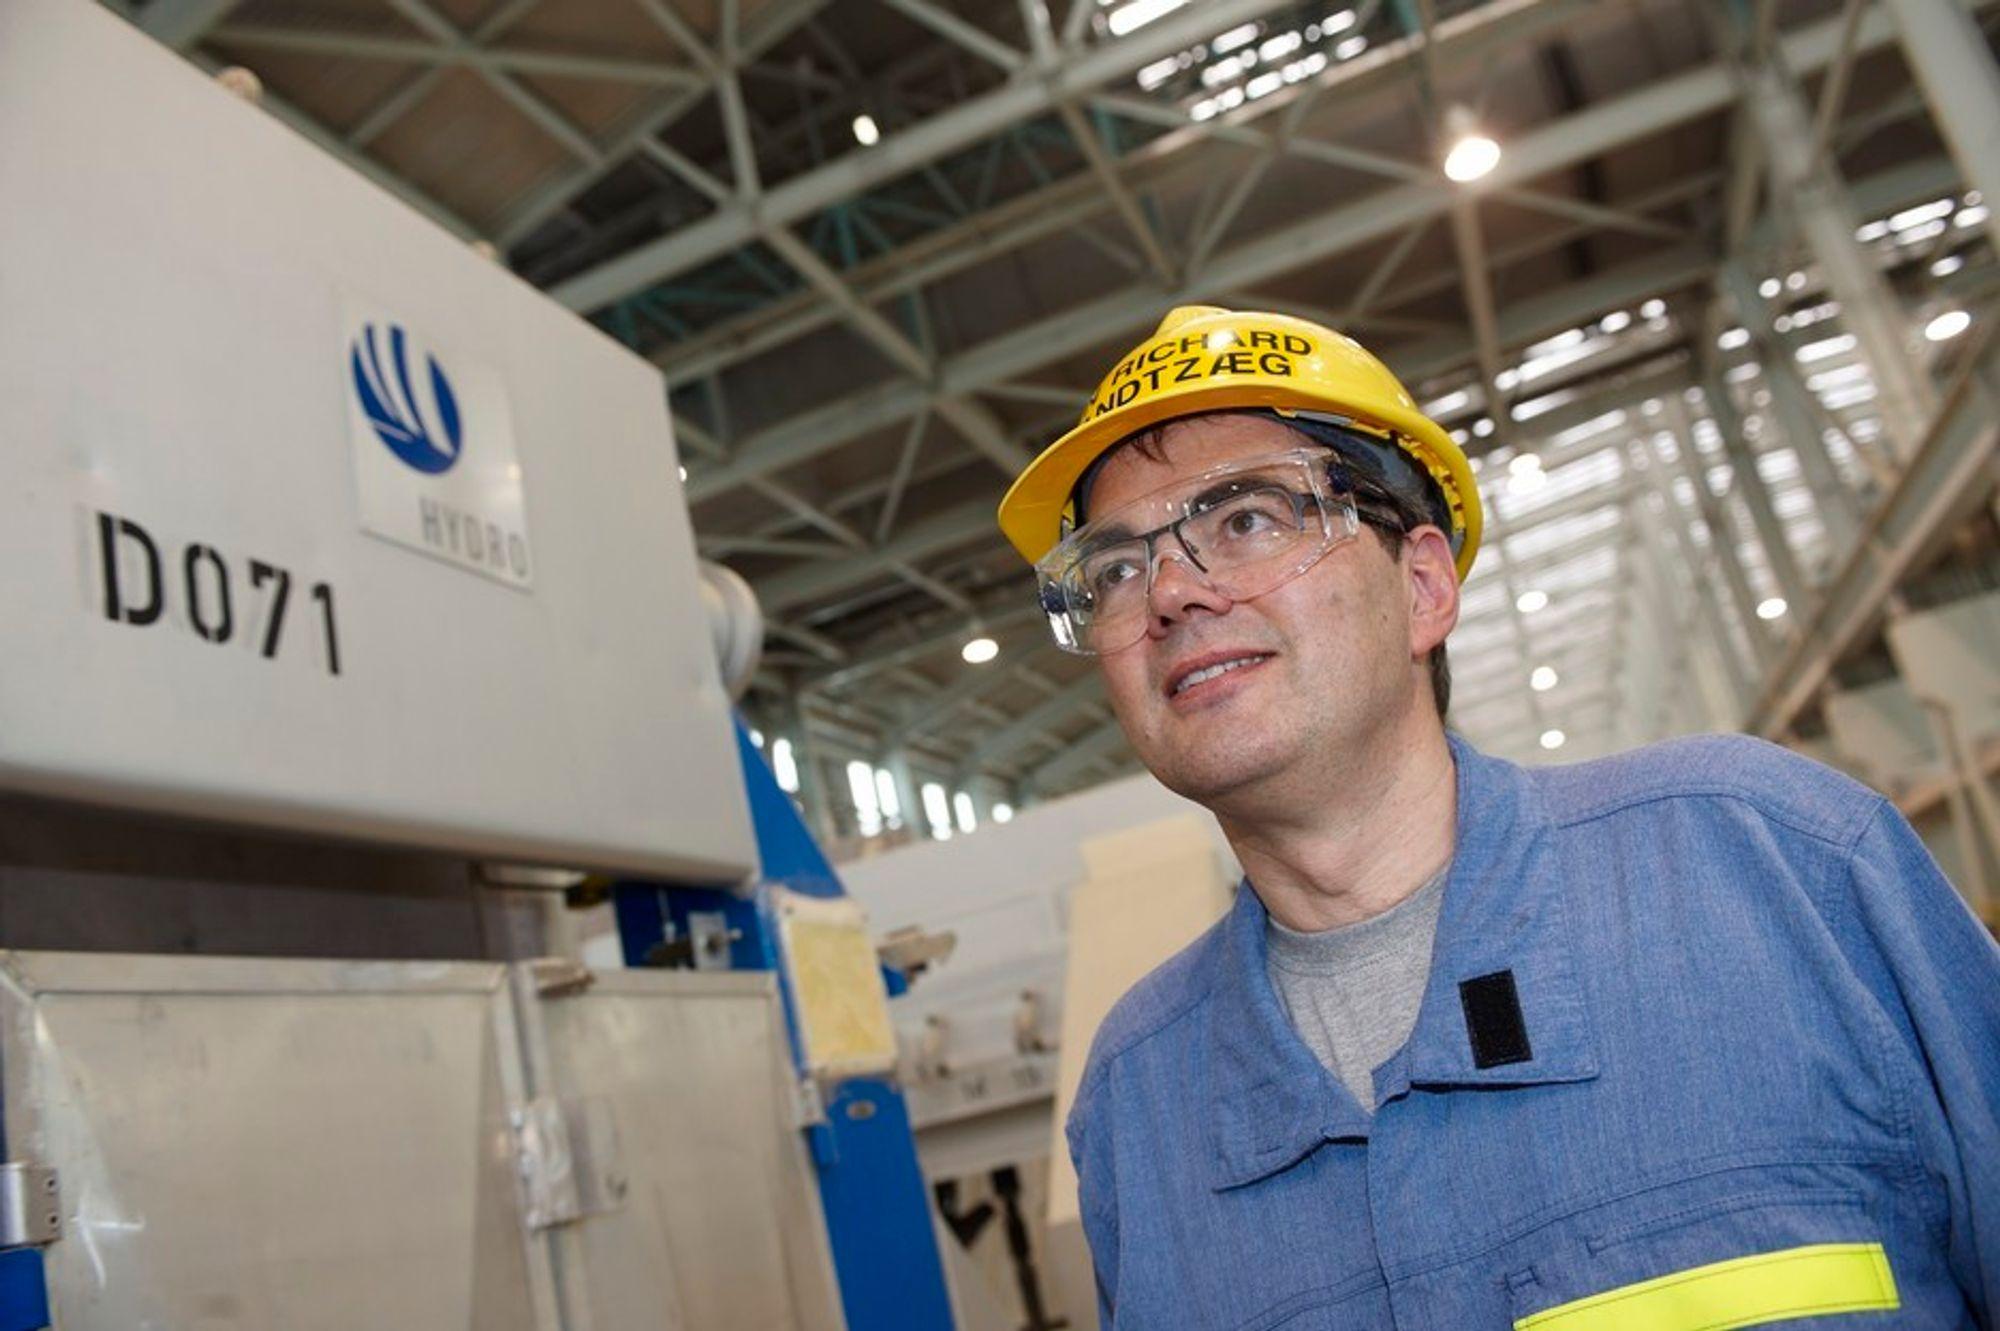 Konsernsjef Svein Richard Brandtzæg og resten av Hydro venter på overtakelsen av Vale SAs aluminiumsvirksomhet.